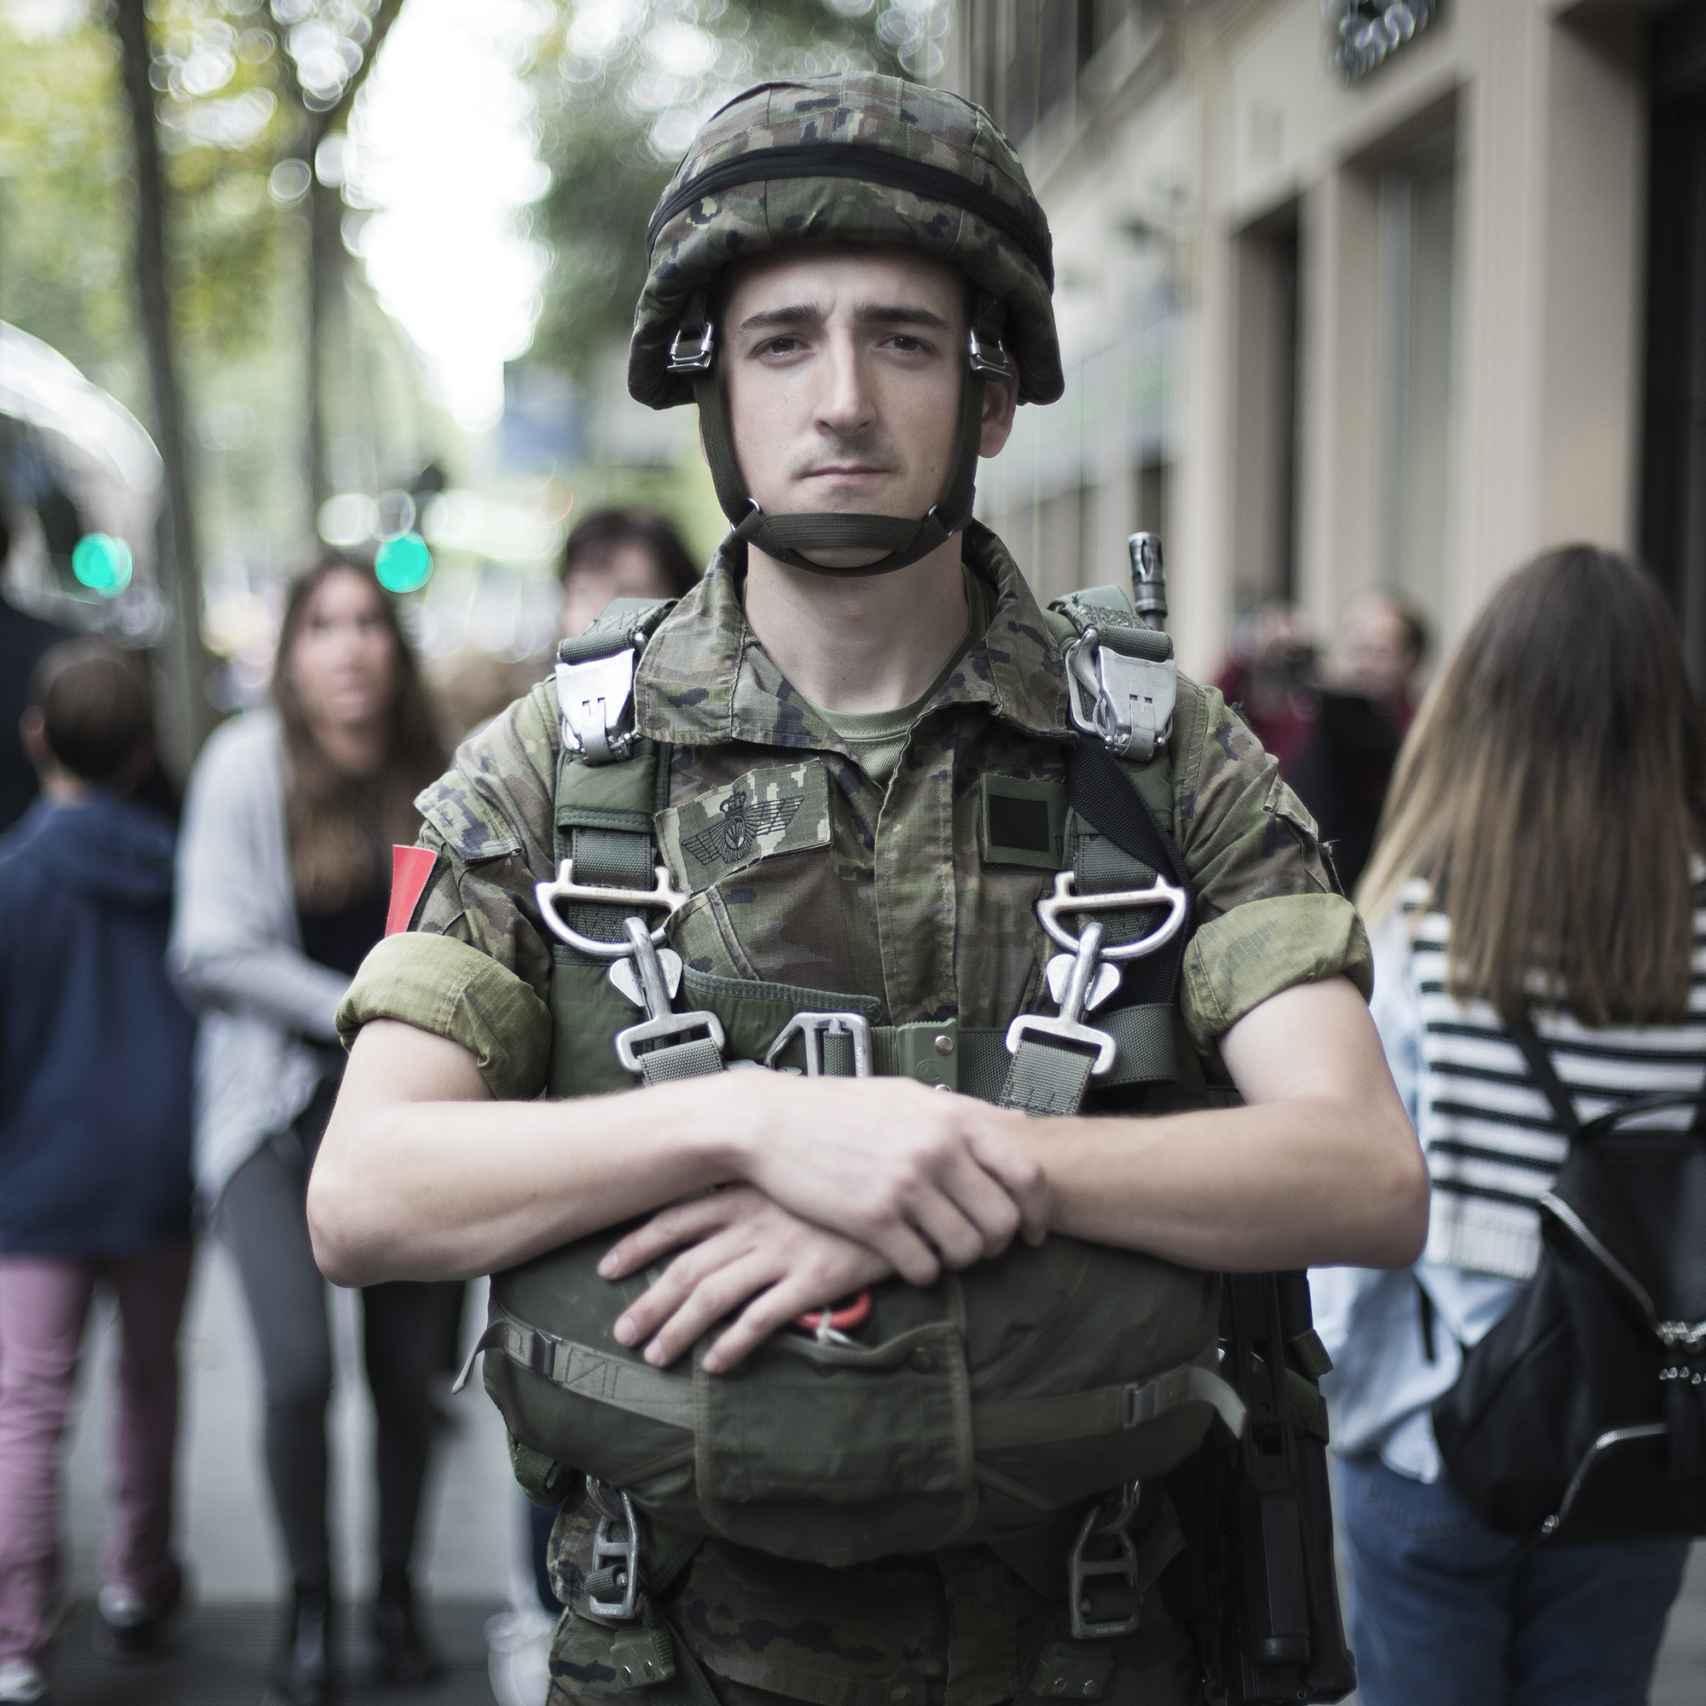 Fernando Villanova, sargento de la Brigada de Paracaidistas.